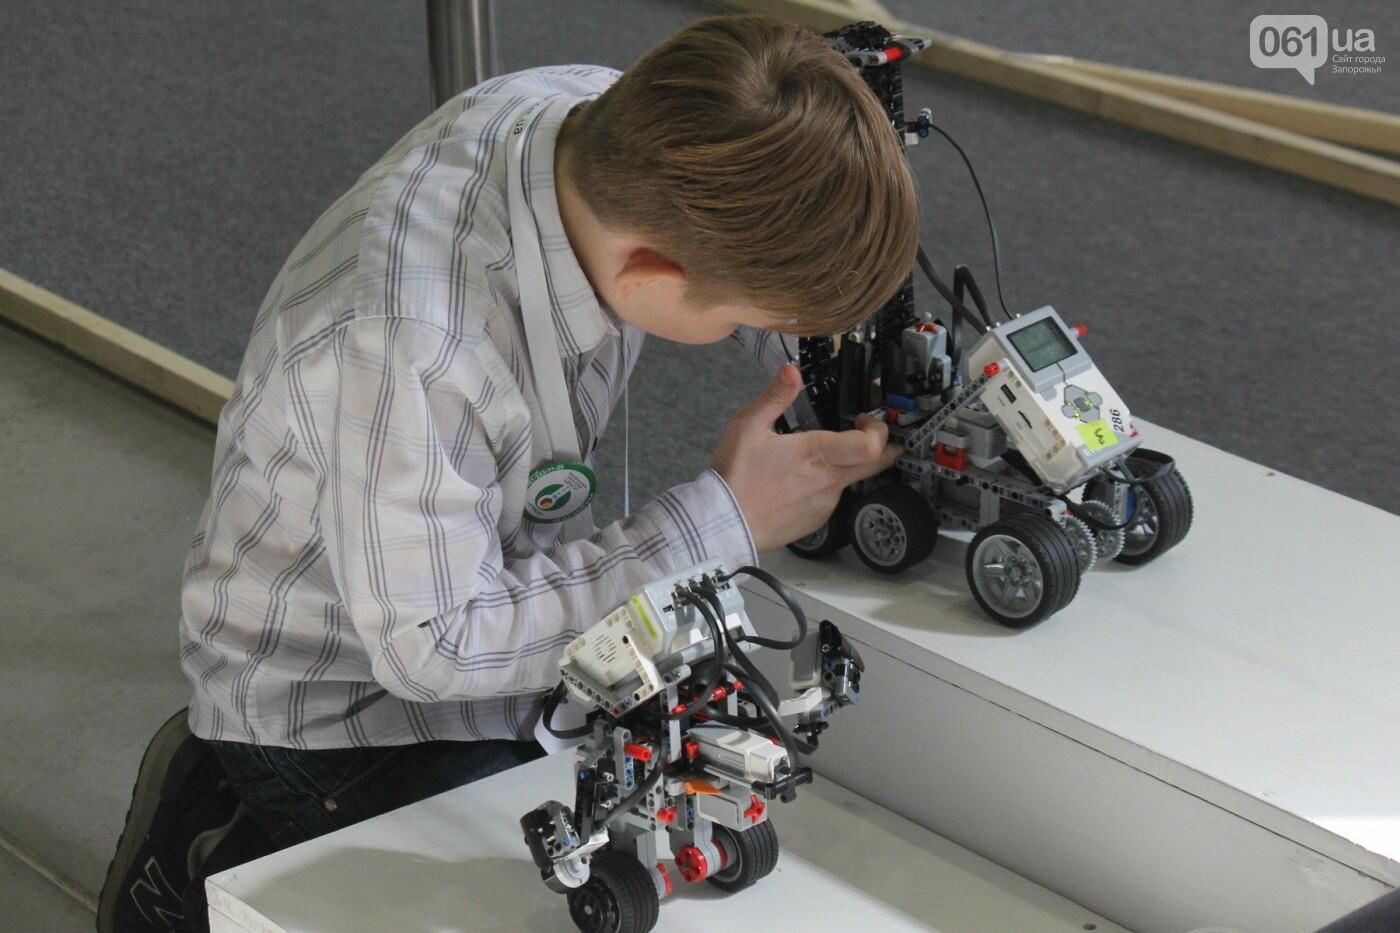 Роботы, киберспорт и спикеры-иностранцы: в Запорожье начался International IT Forum, – ФОТОРЕПОРТАЖ, фото-38